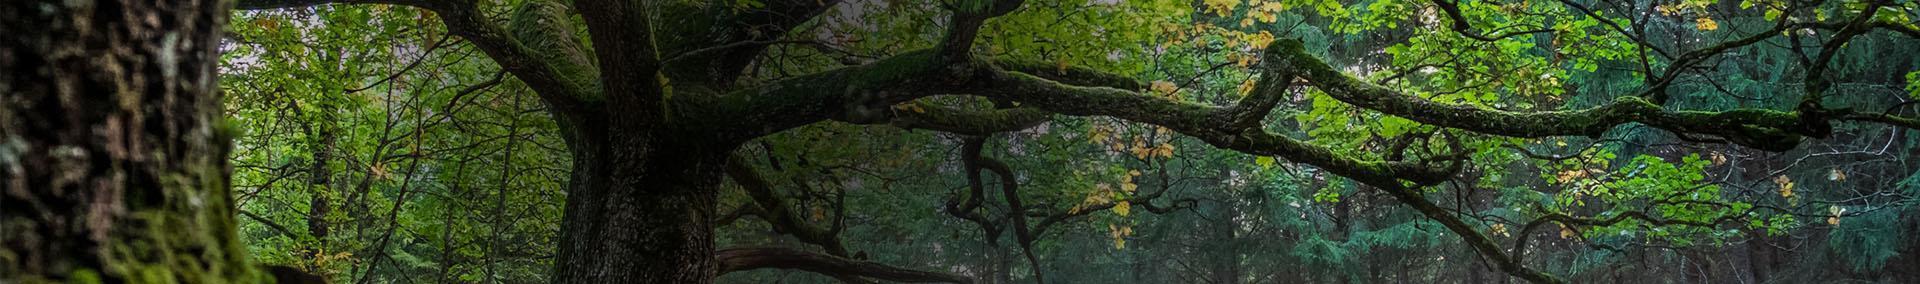 Rozłożyste drzewo